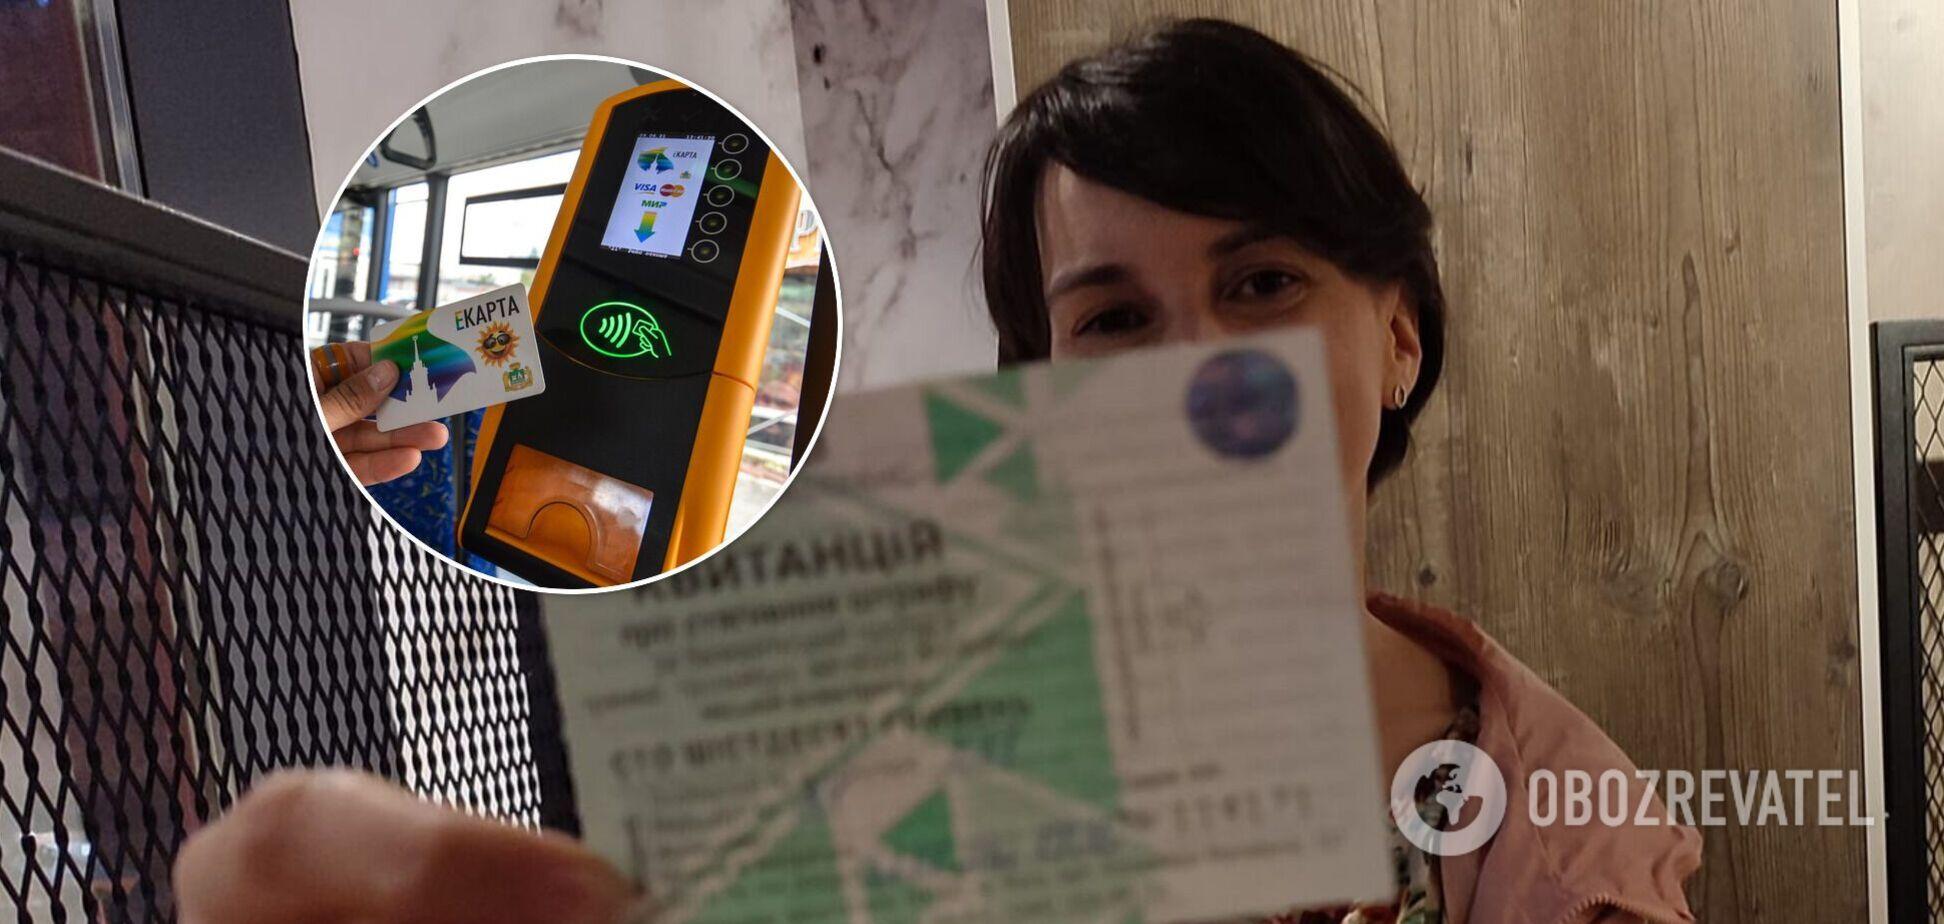 В Киеве пассажирке 'впаяли' штраф из-за валидатора и заставили заплатить онлайн